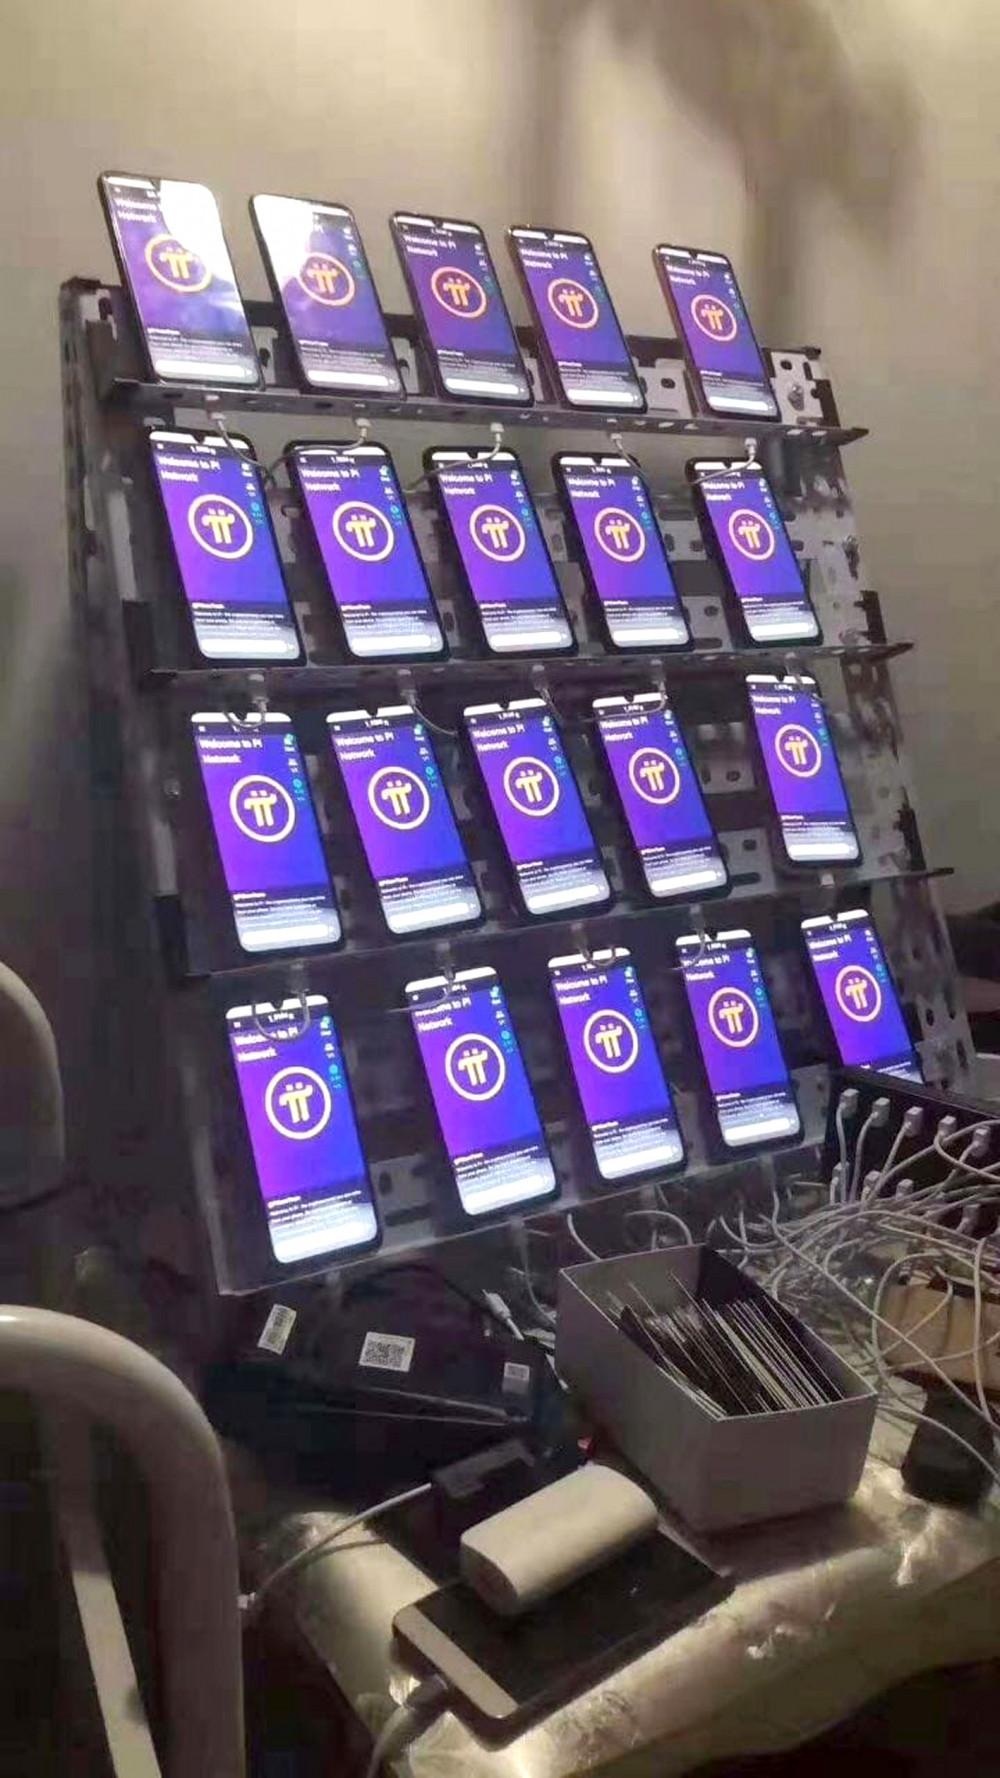 Một số người sẵn sàng đầu tư hàng chục chiếc điện thoại với hy vọng đào được nhiều đồng tiền pi - Ảnh: Thanh Hoa